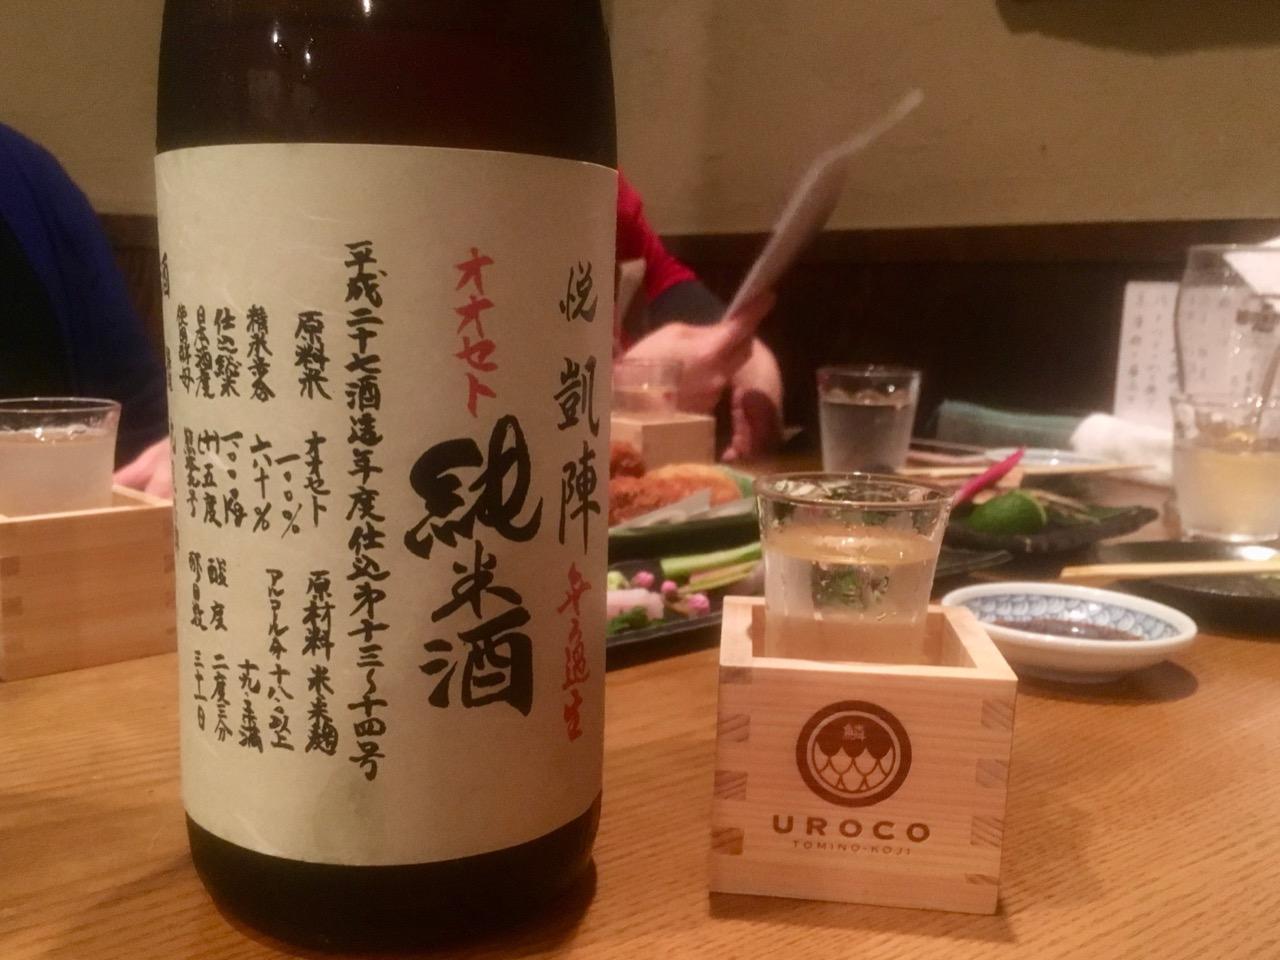 悦凱陣 純米酒 山廃オオセト むろか生 27BY|日本酒テイスティングノート